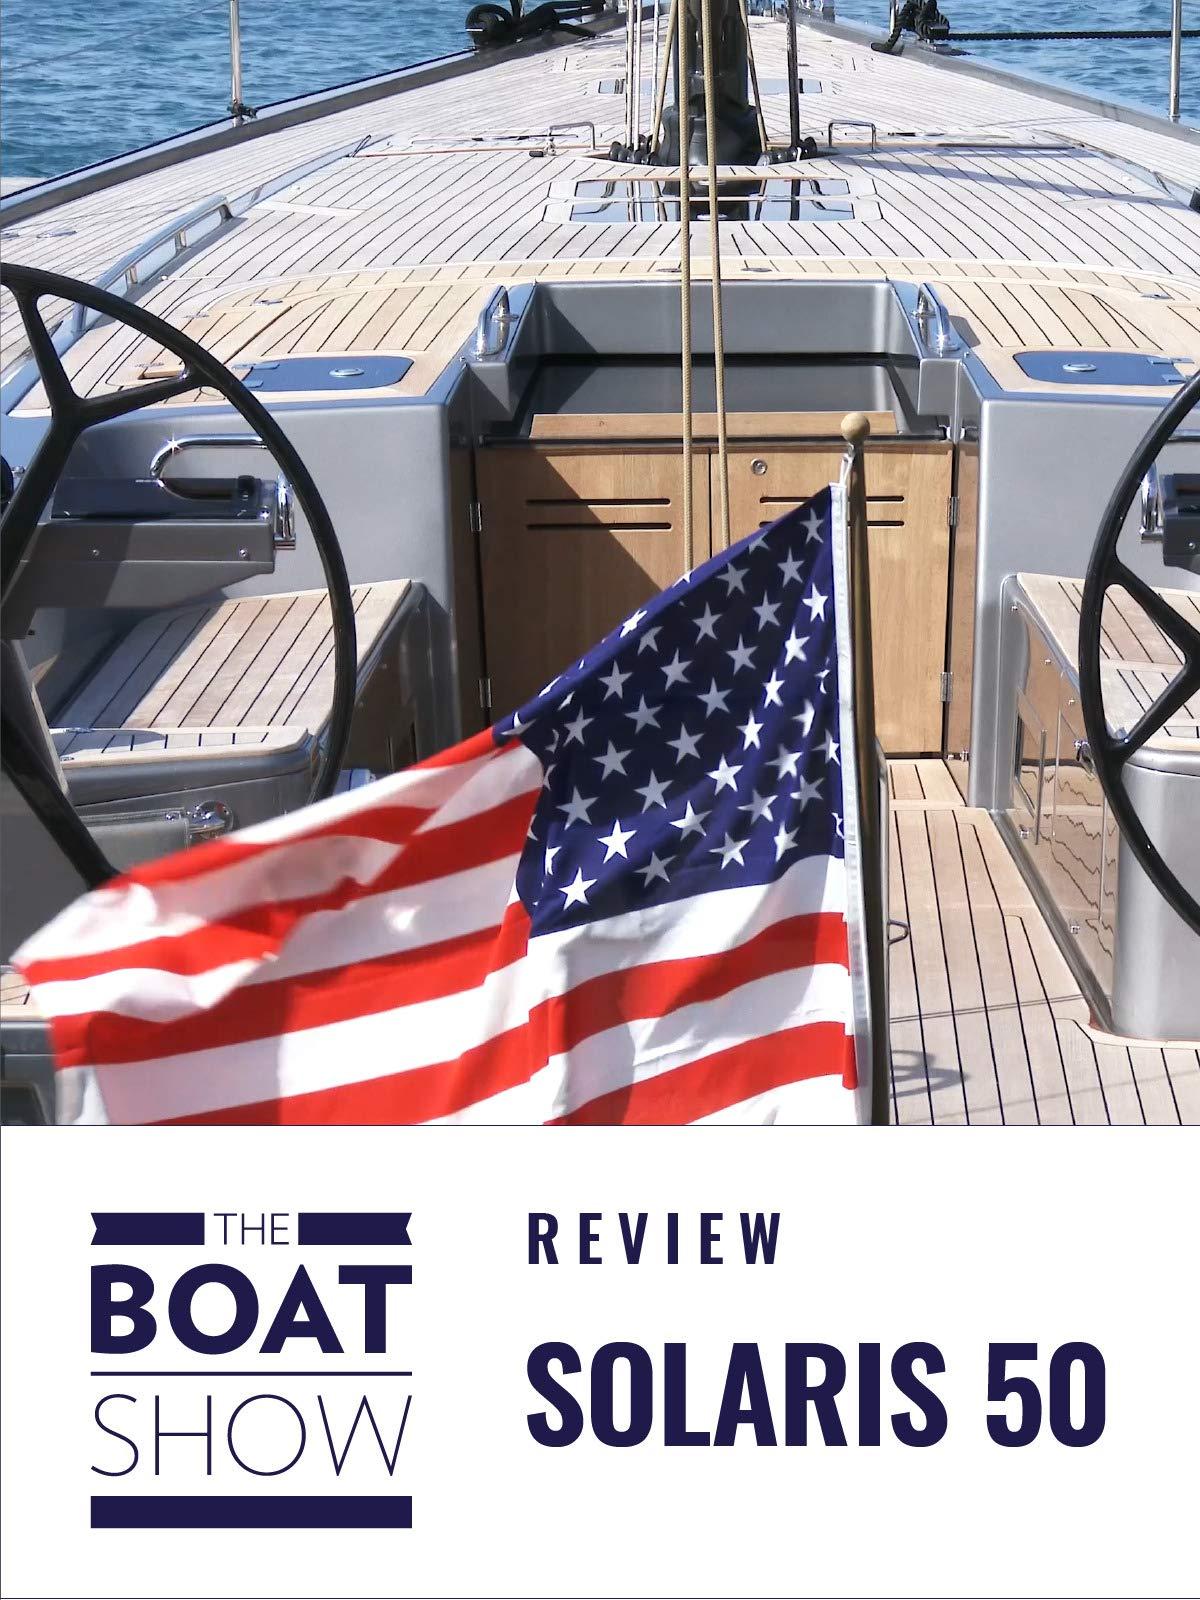 Clip: Solaris 50 - The Boat Show